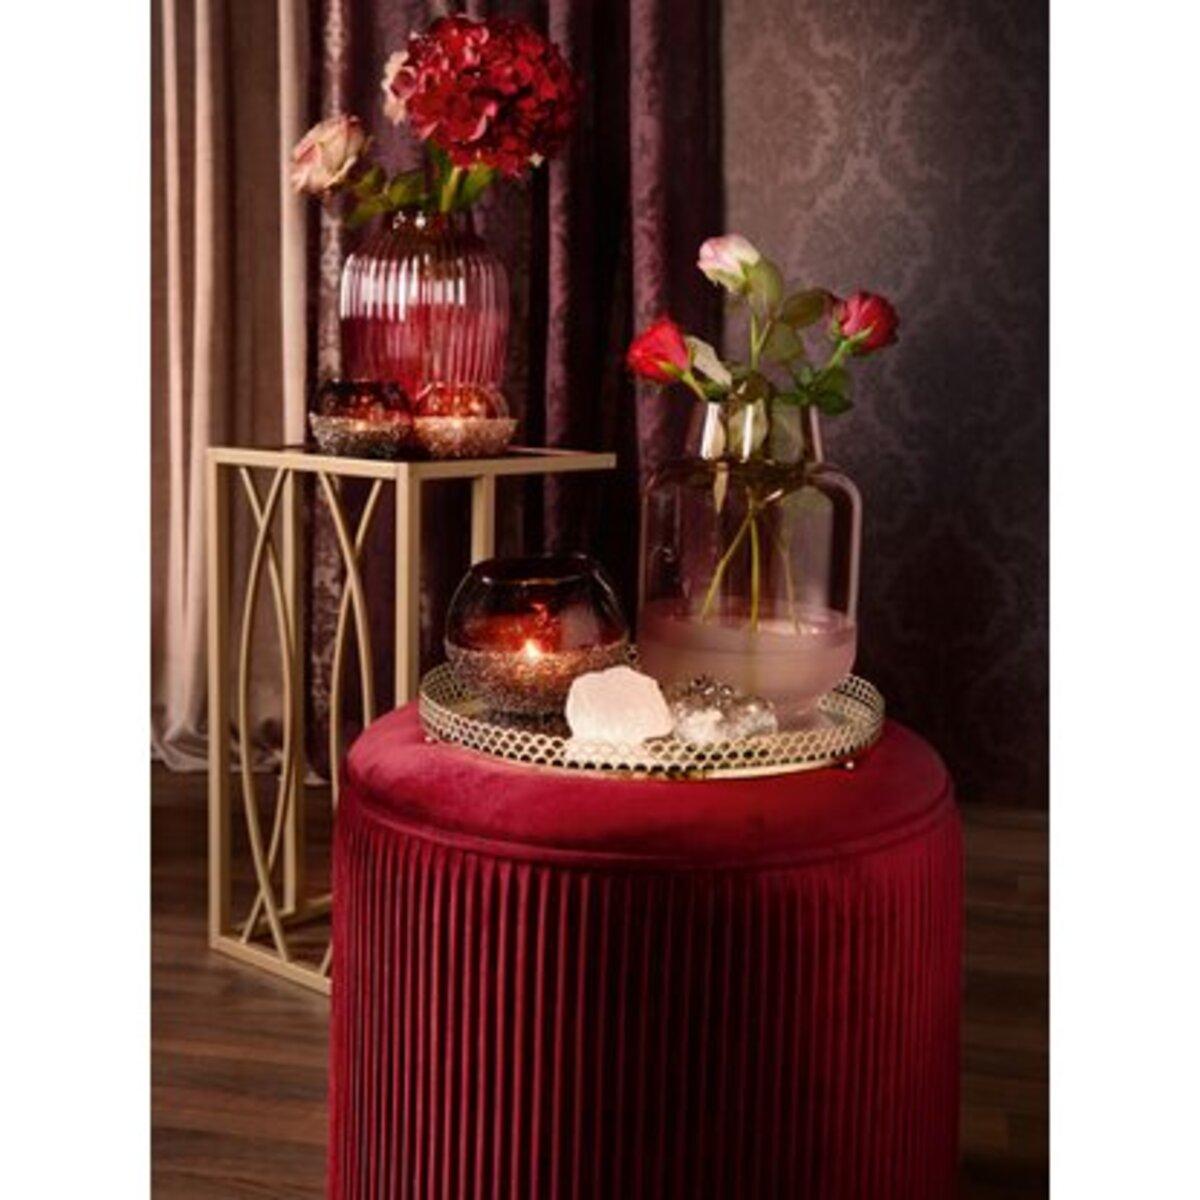 Bild 4 von Sitzhocker Blush Bordeaux MDF 40 cm x Ø 40 cm Burgunderrot